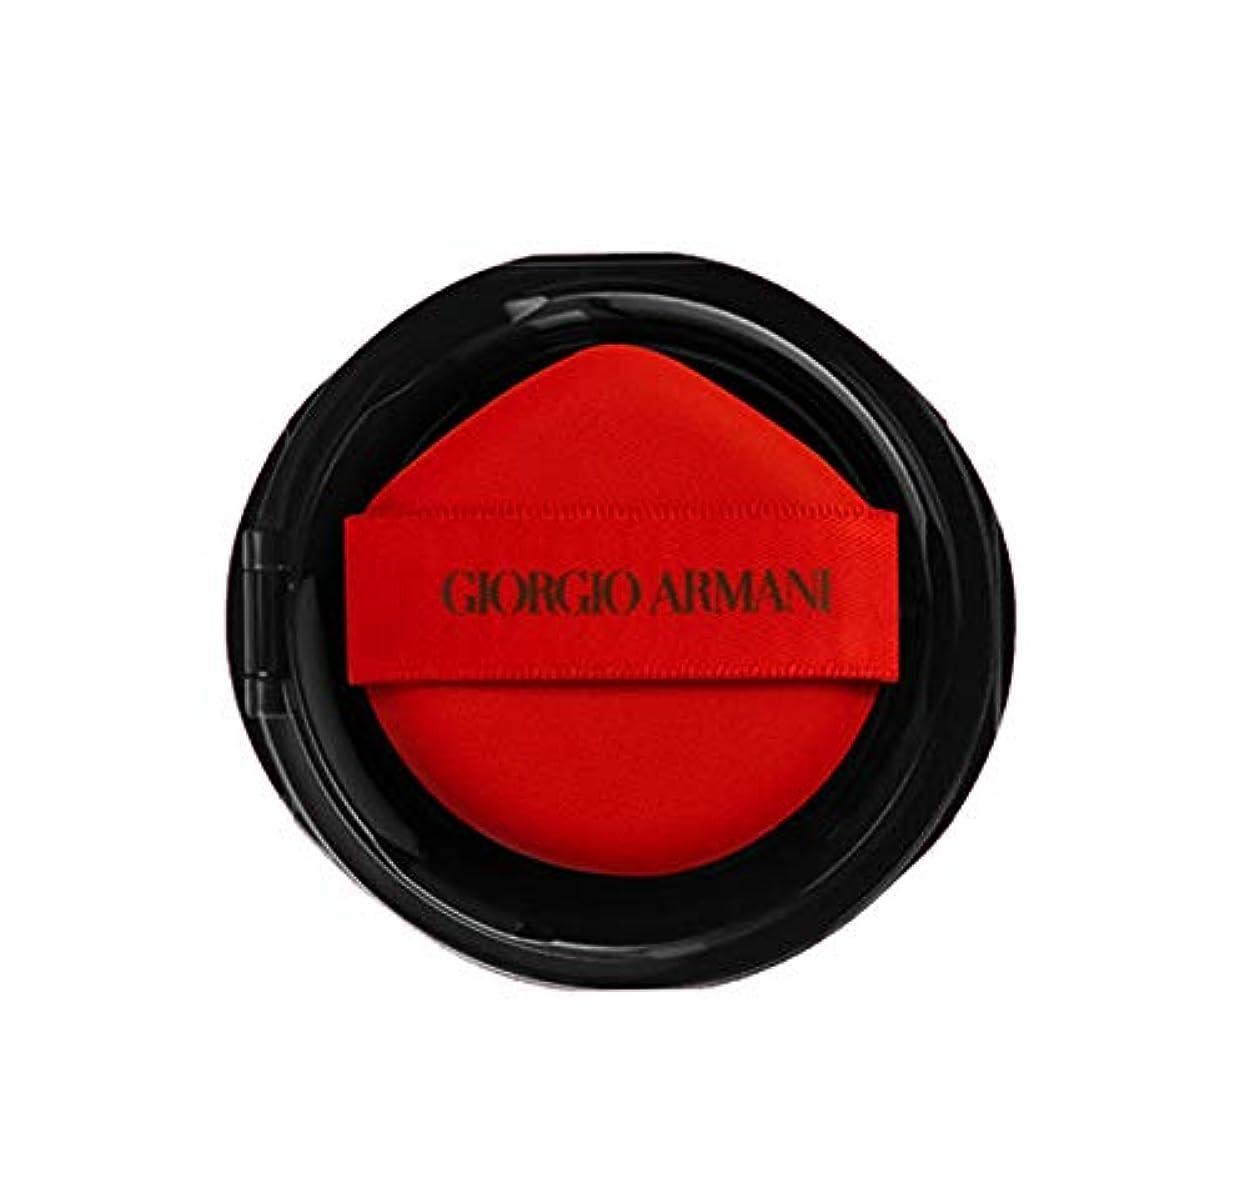 クランプティッシュレイア[ジョルジオ アルマーニ ビューテ(Giorgio Armani Beauty)] マイ アルマーニ トゥ ゴー クッション(補充 レフィル) SPF23 PA+++ 15g #3